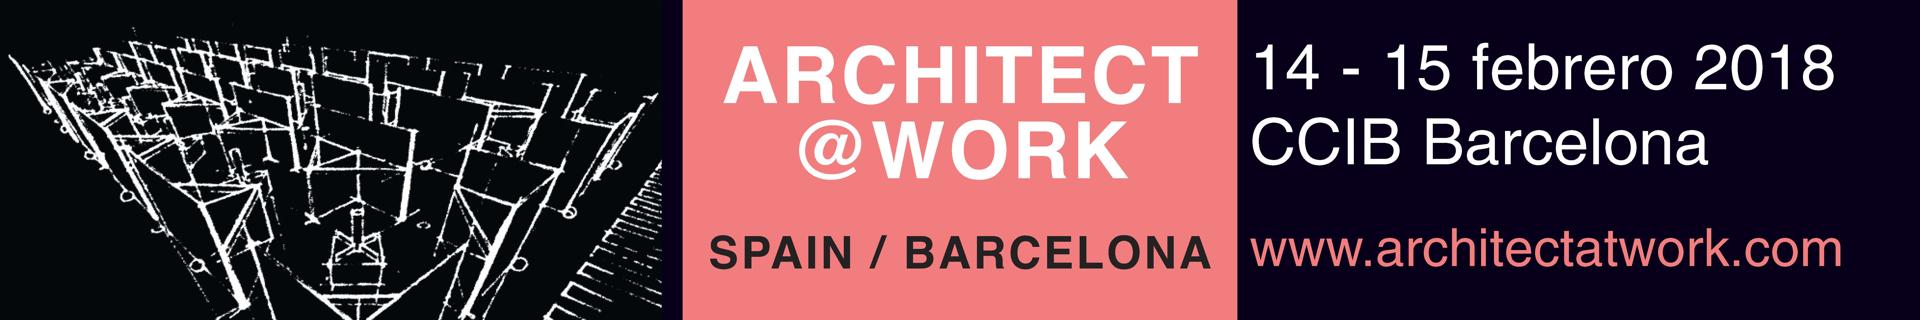 Iluminaci n natural con arquitectura del vidrio for Architect work barcelona